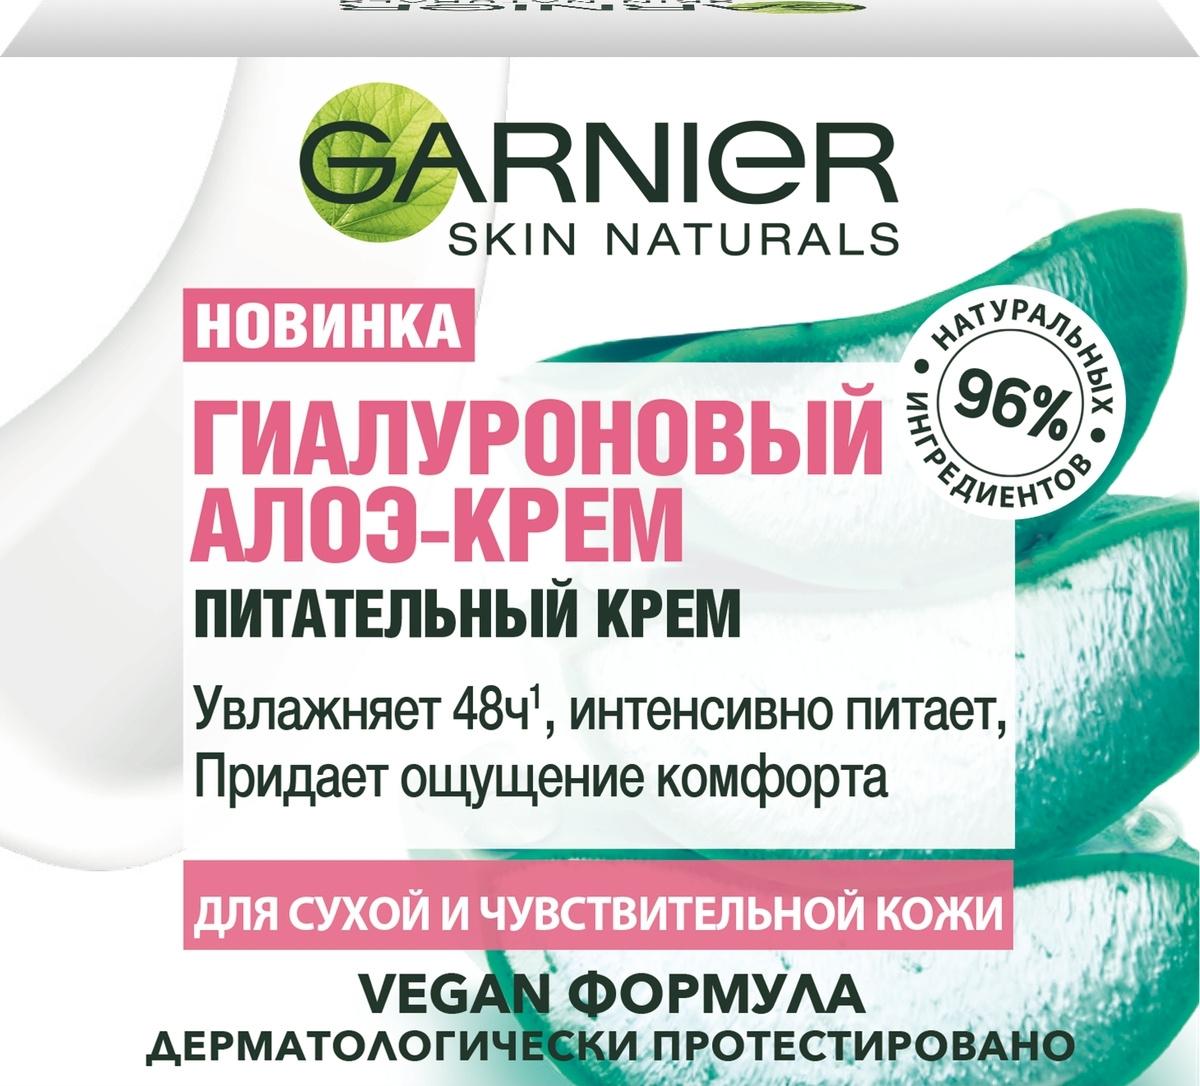 Garnier Skin Naturals Питательный Гиуалроновый Алоэ-крем, для сухой и чувствительной кожи, 50 мл  #1